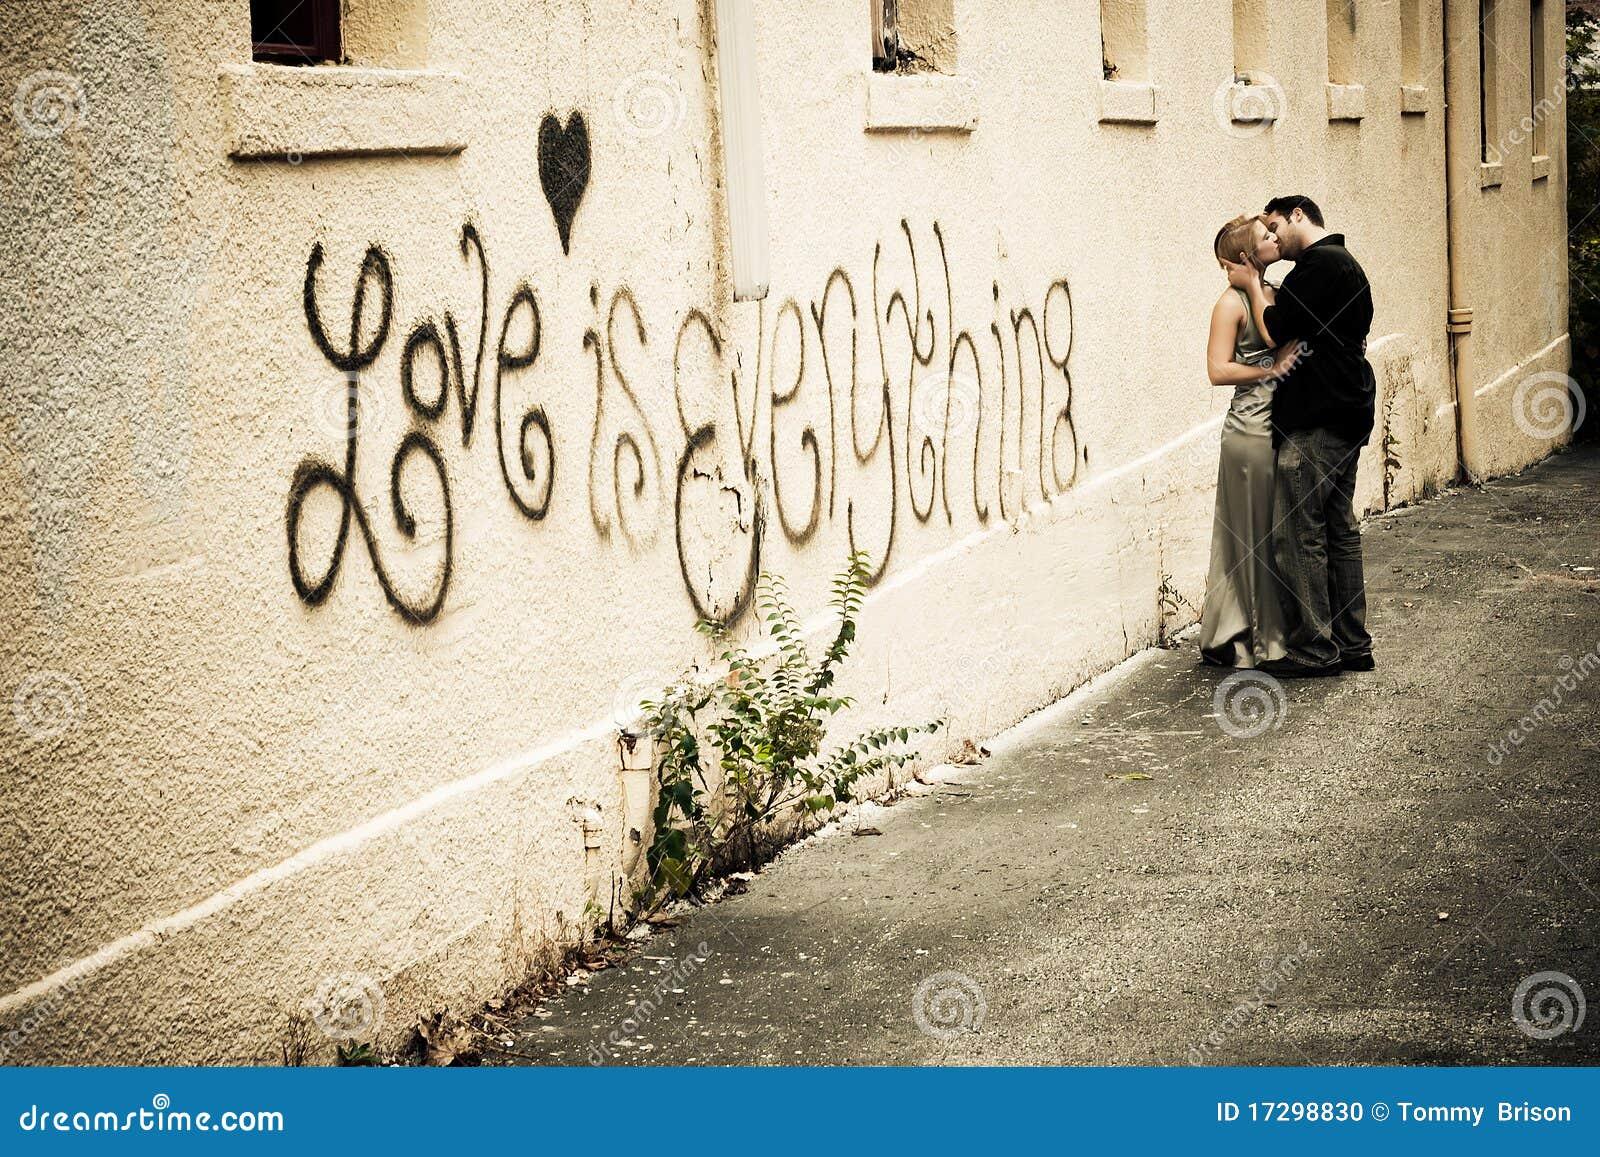 Leidenschaftlicher Kuss In Der Gasse Stockfoto - Bild von